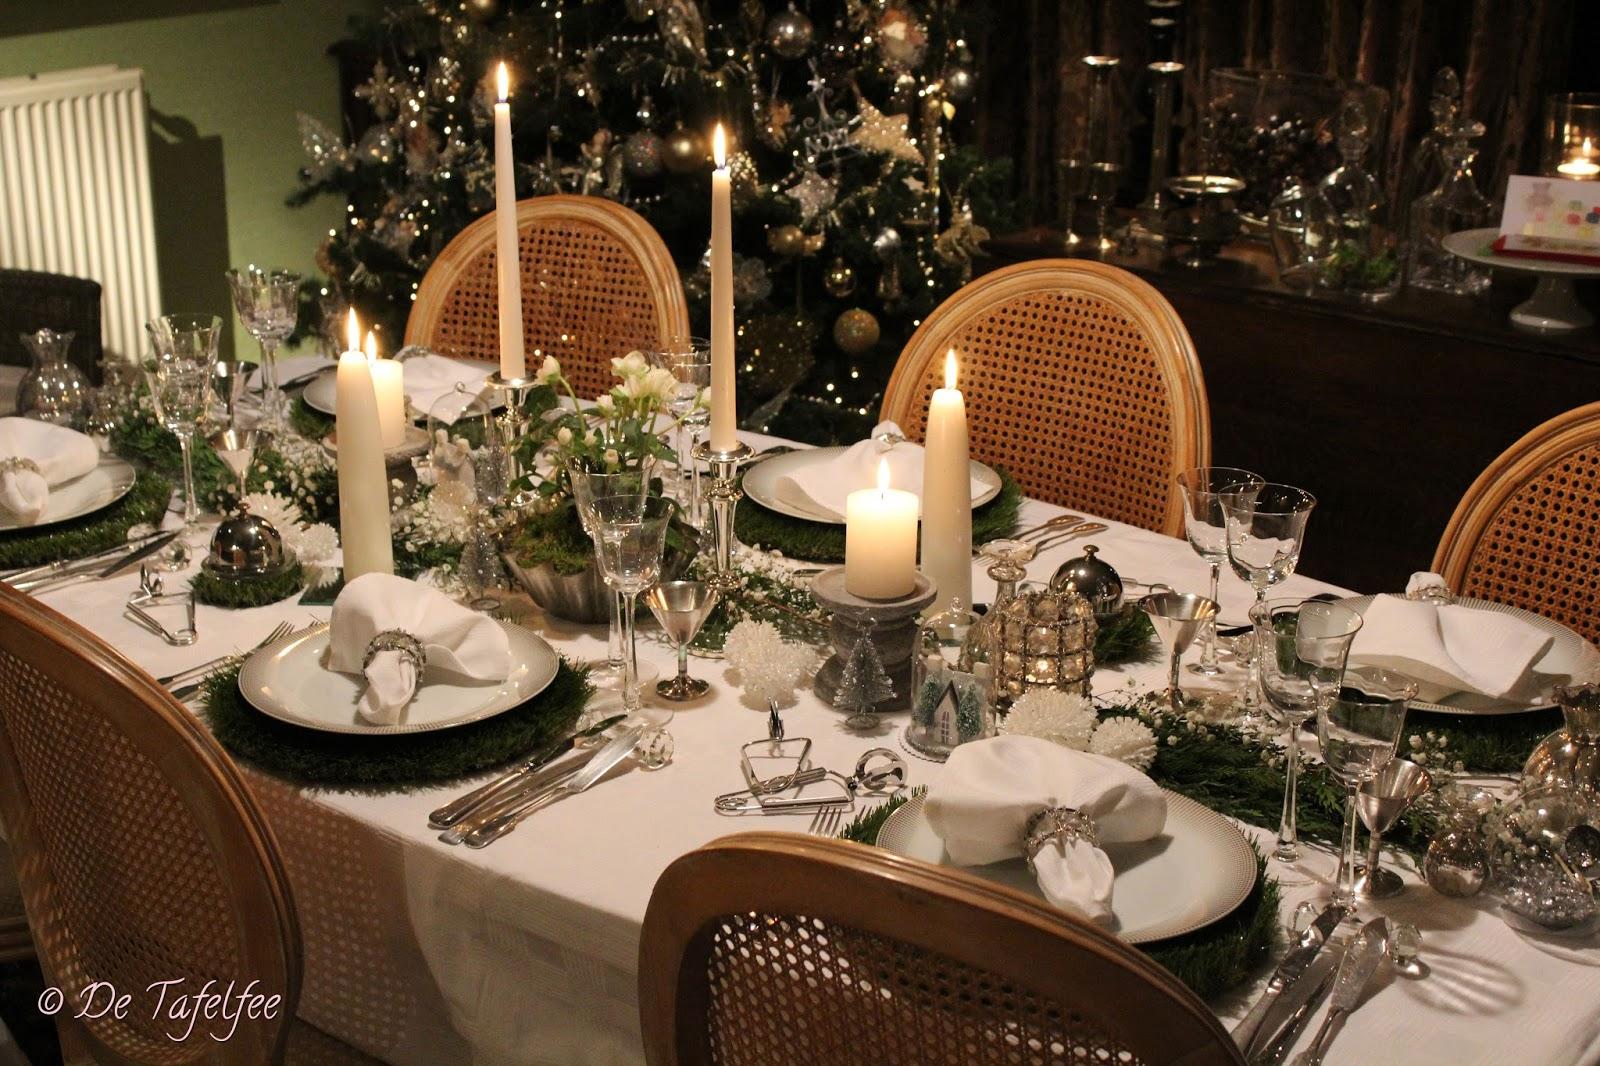 De tafelfee tafelen in landelijke stijl